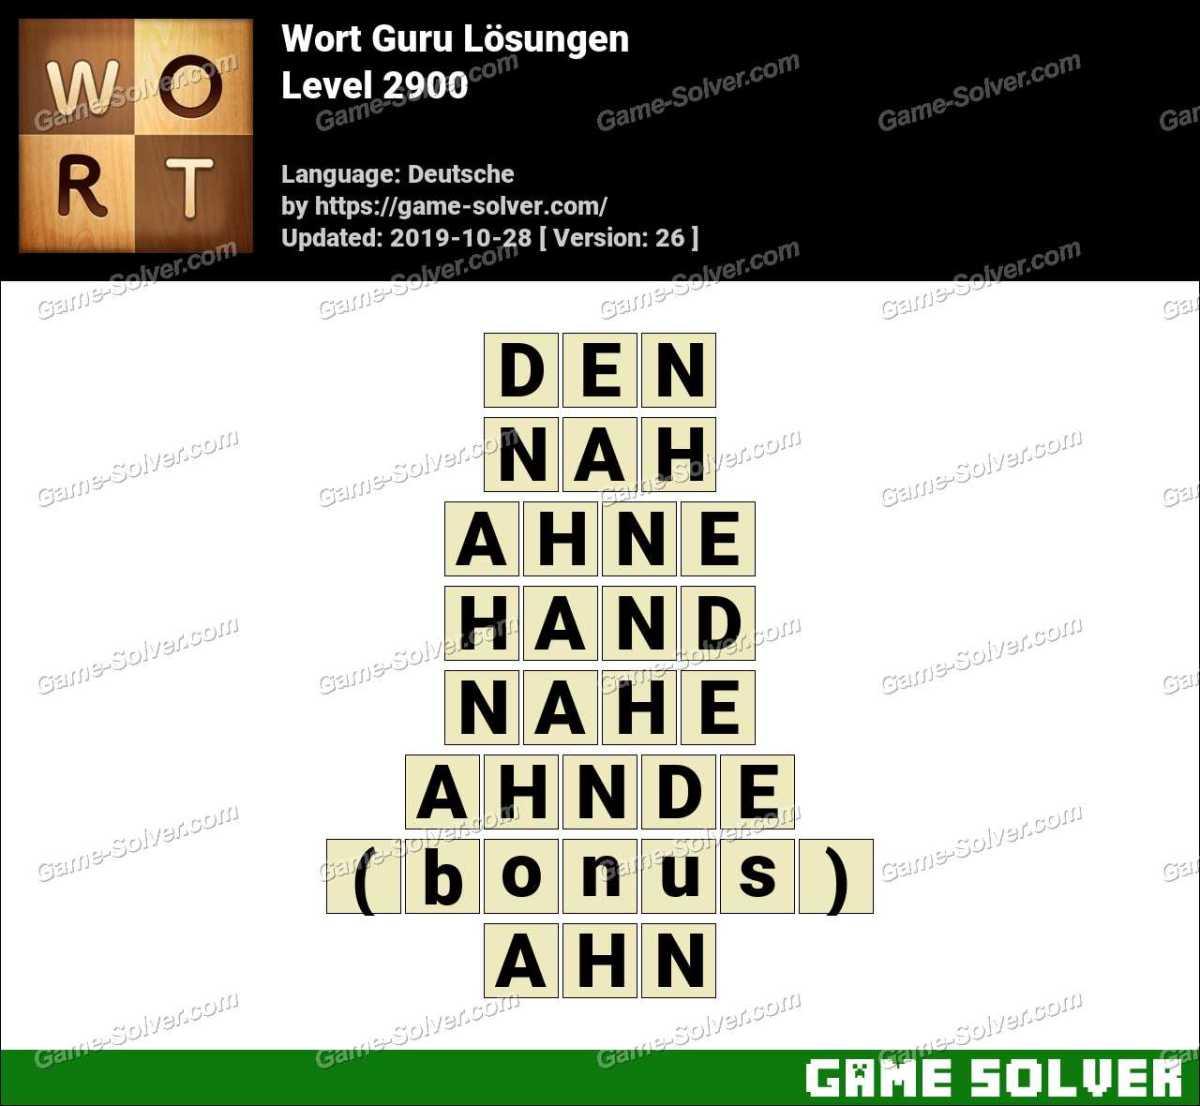 Wort Guru Level 2900 Lösungen